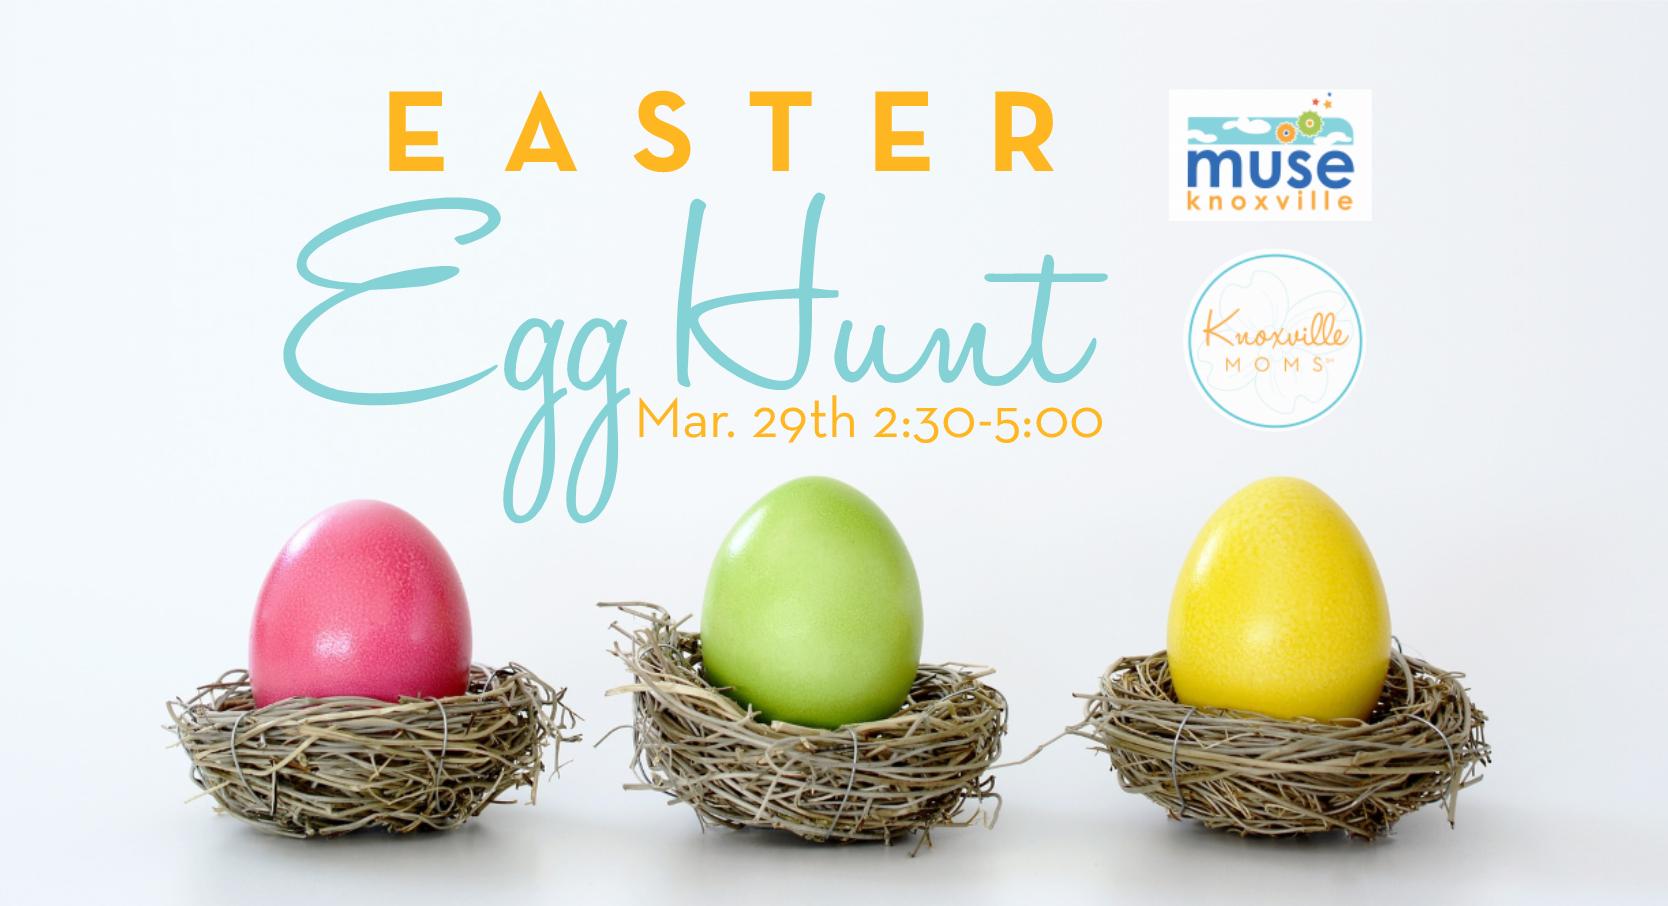 Easter Egg Hunt Knoxville Moms